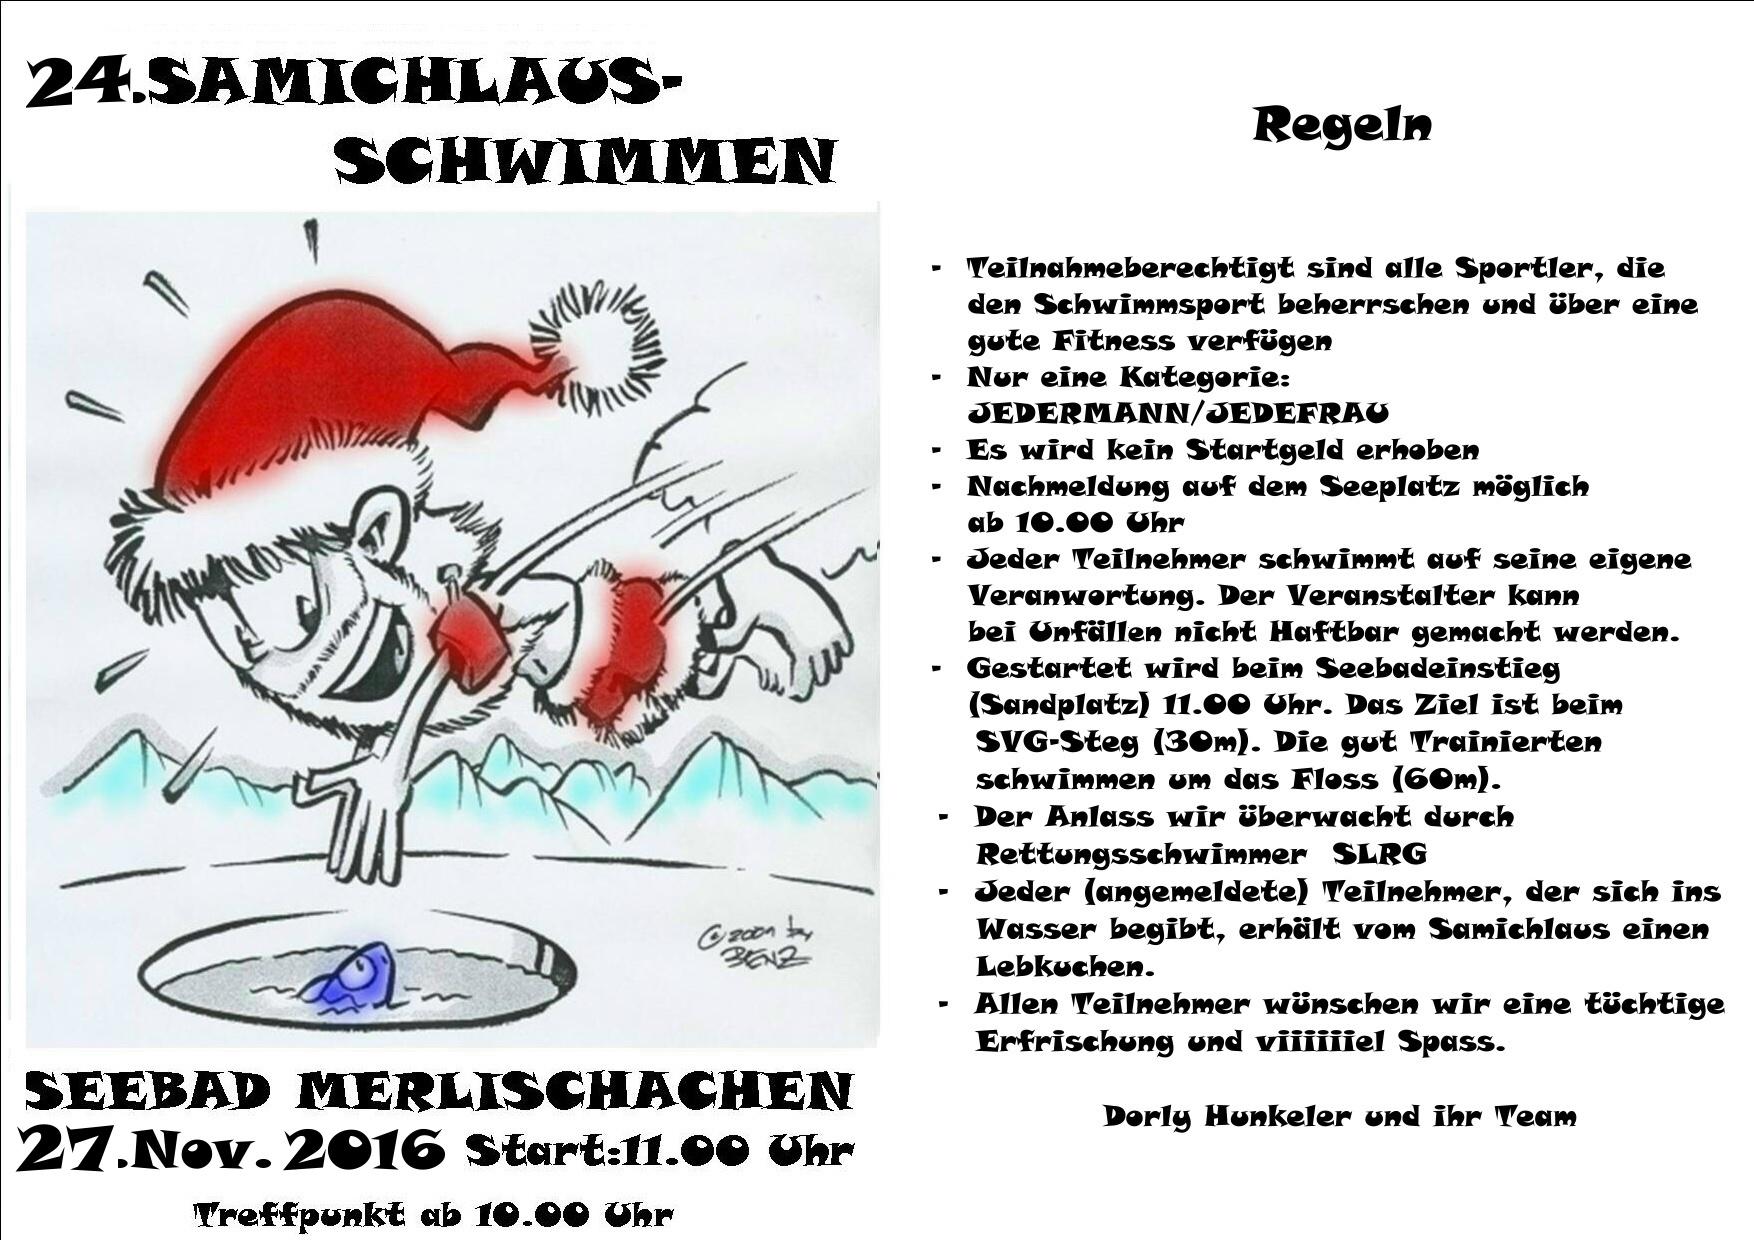 samichlaus-schwimmen2016-h